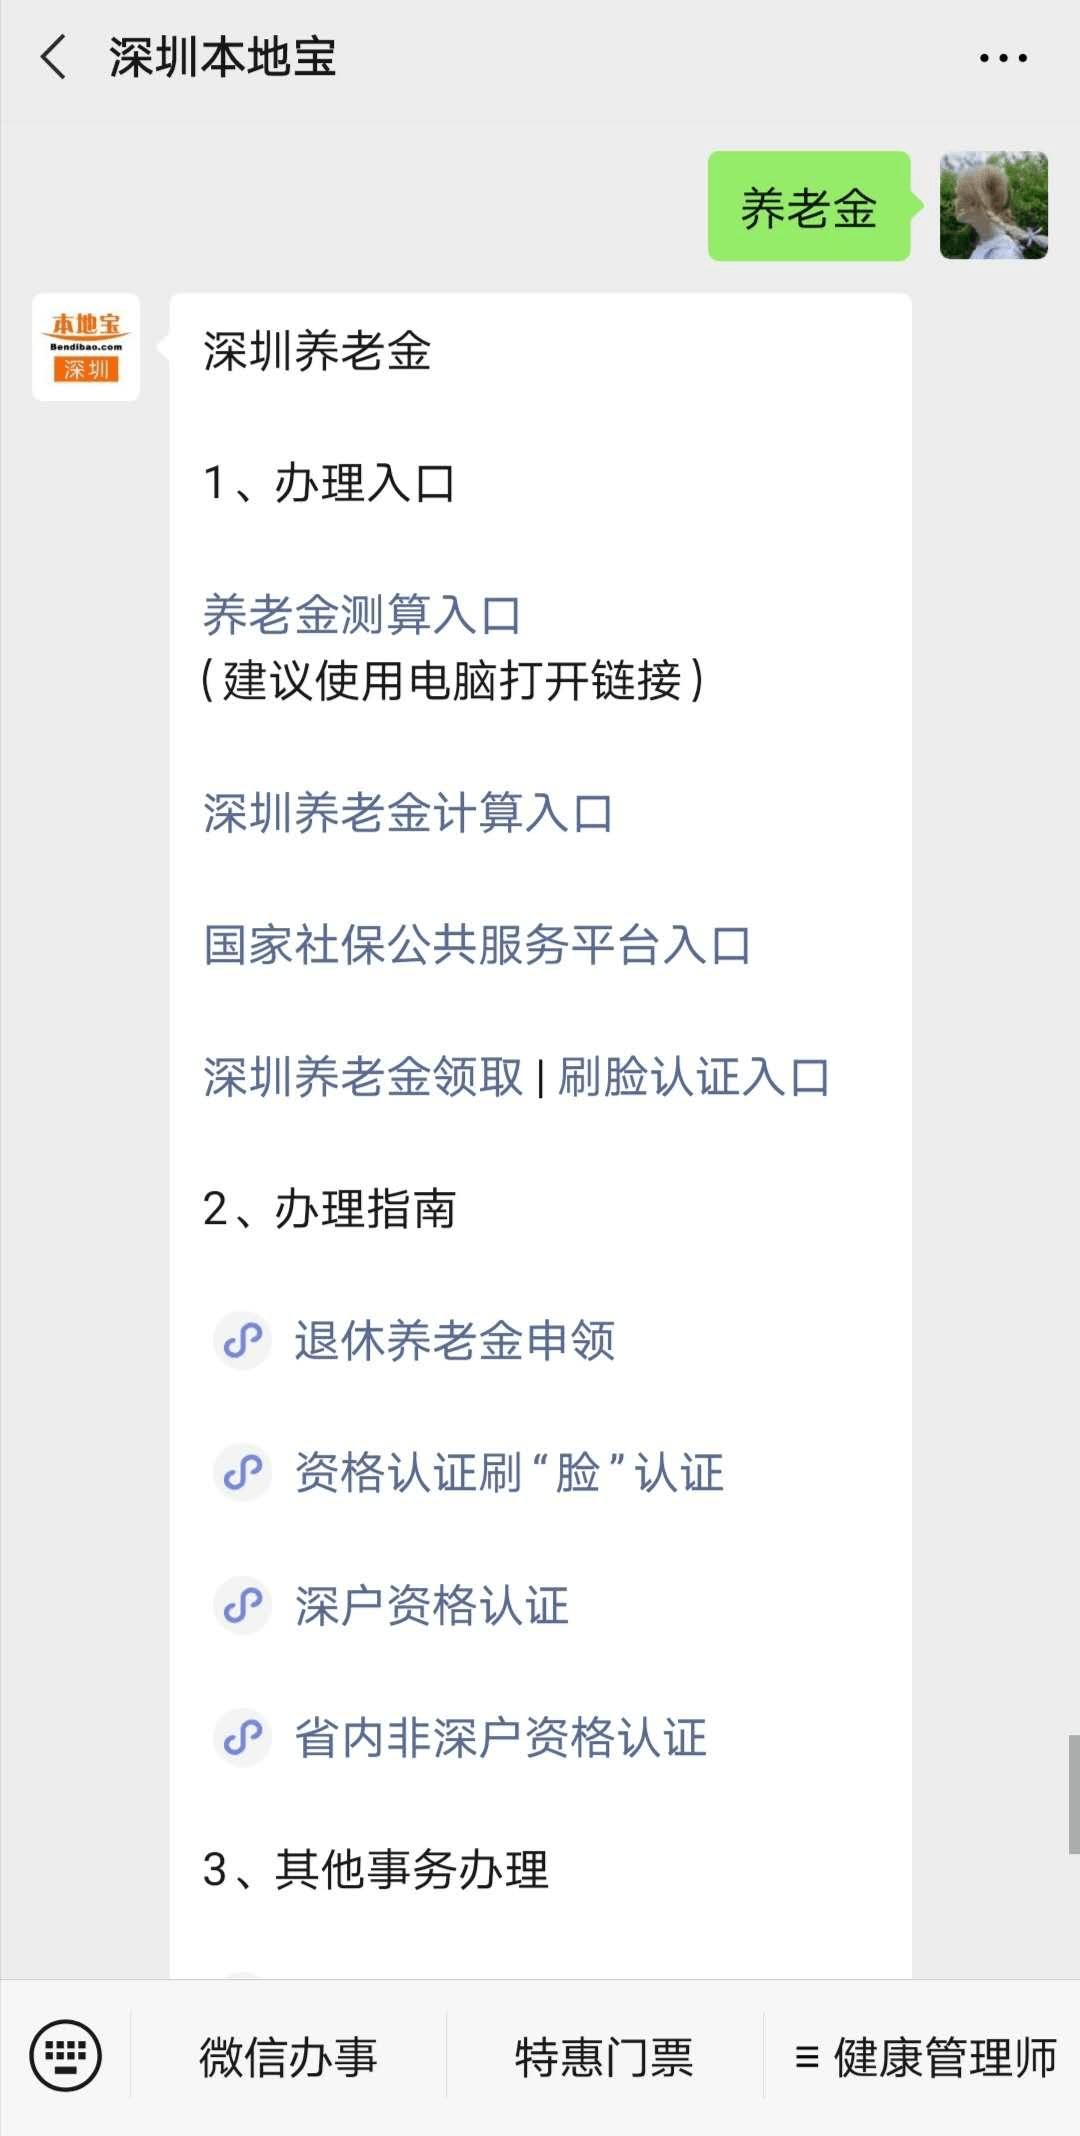 2020深圳退休人员基本养老金标准调整 增加基本养老金发放方式